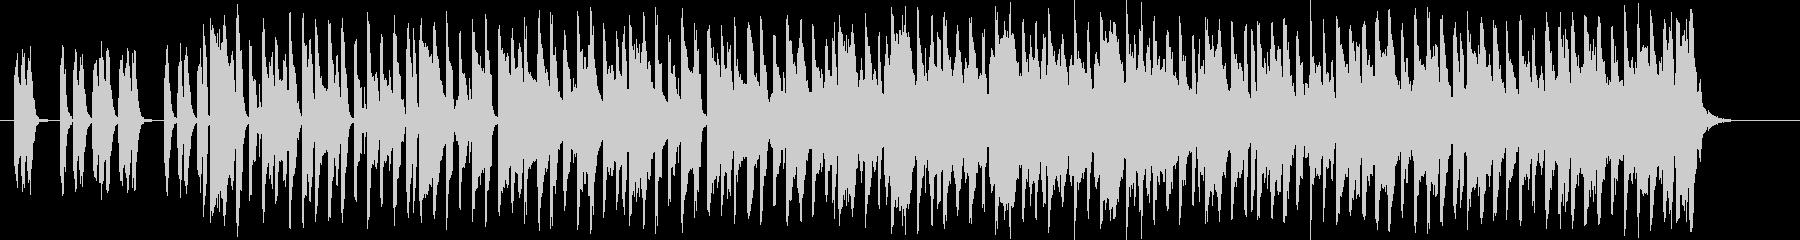 木琴が印象的なミディアムテンポのポップスの未再生の波形